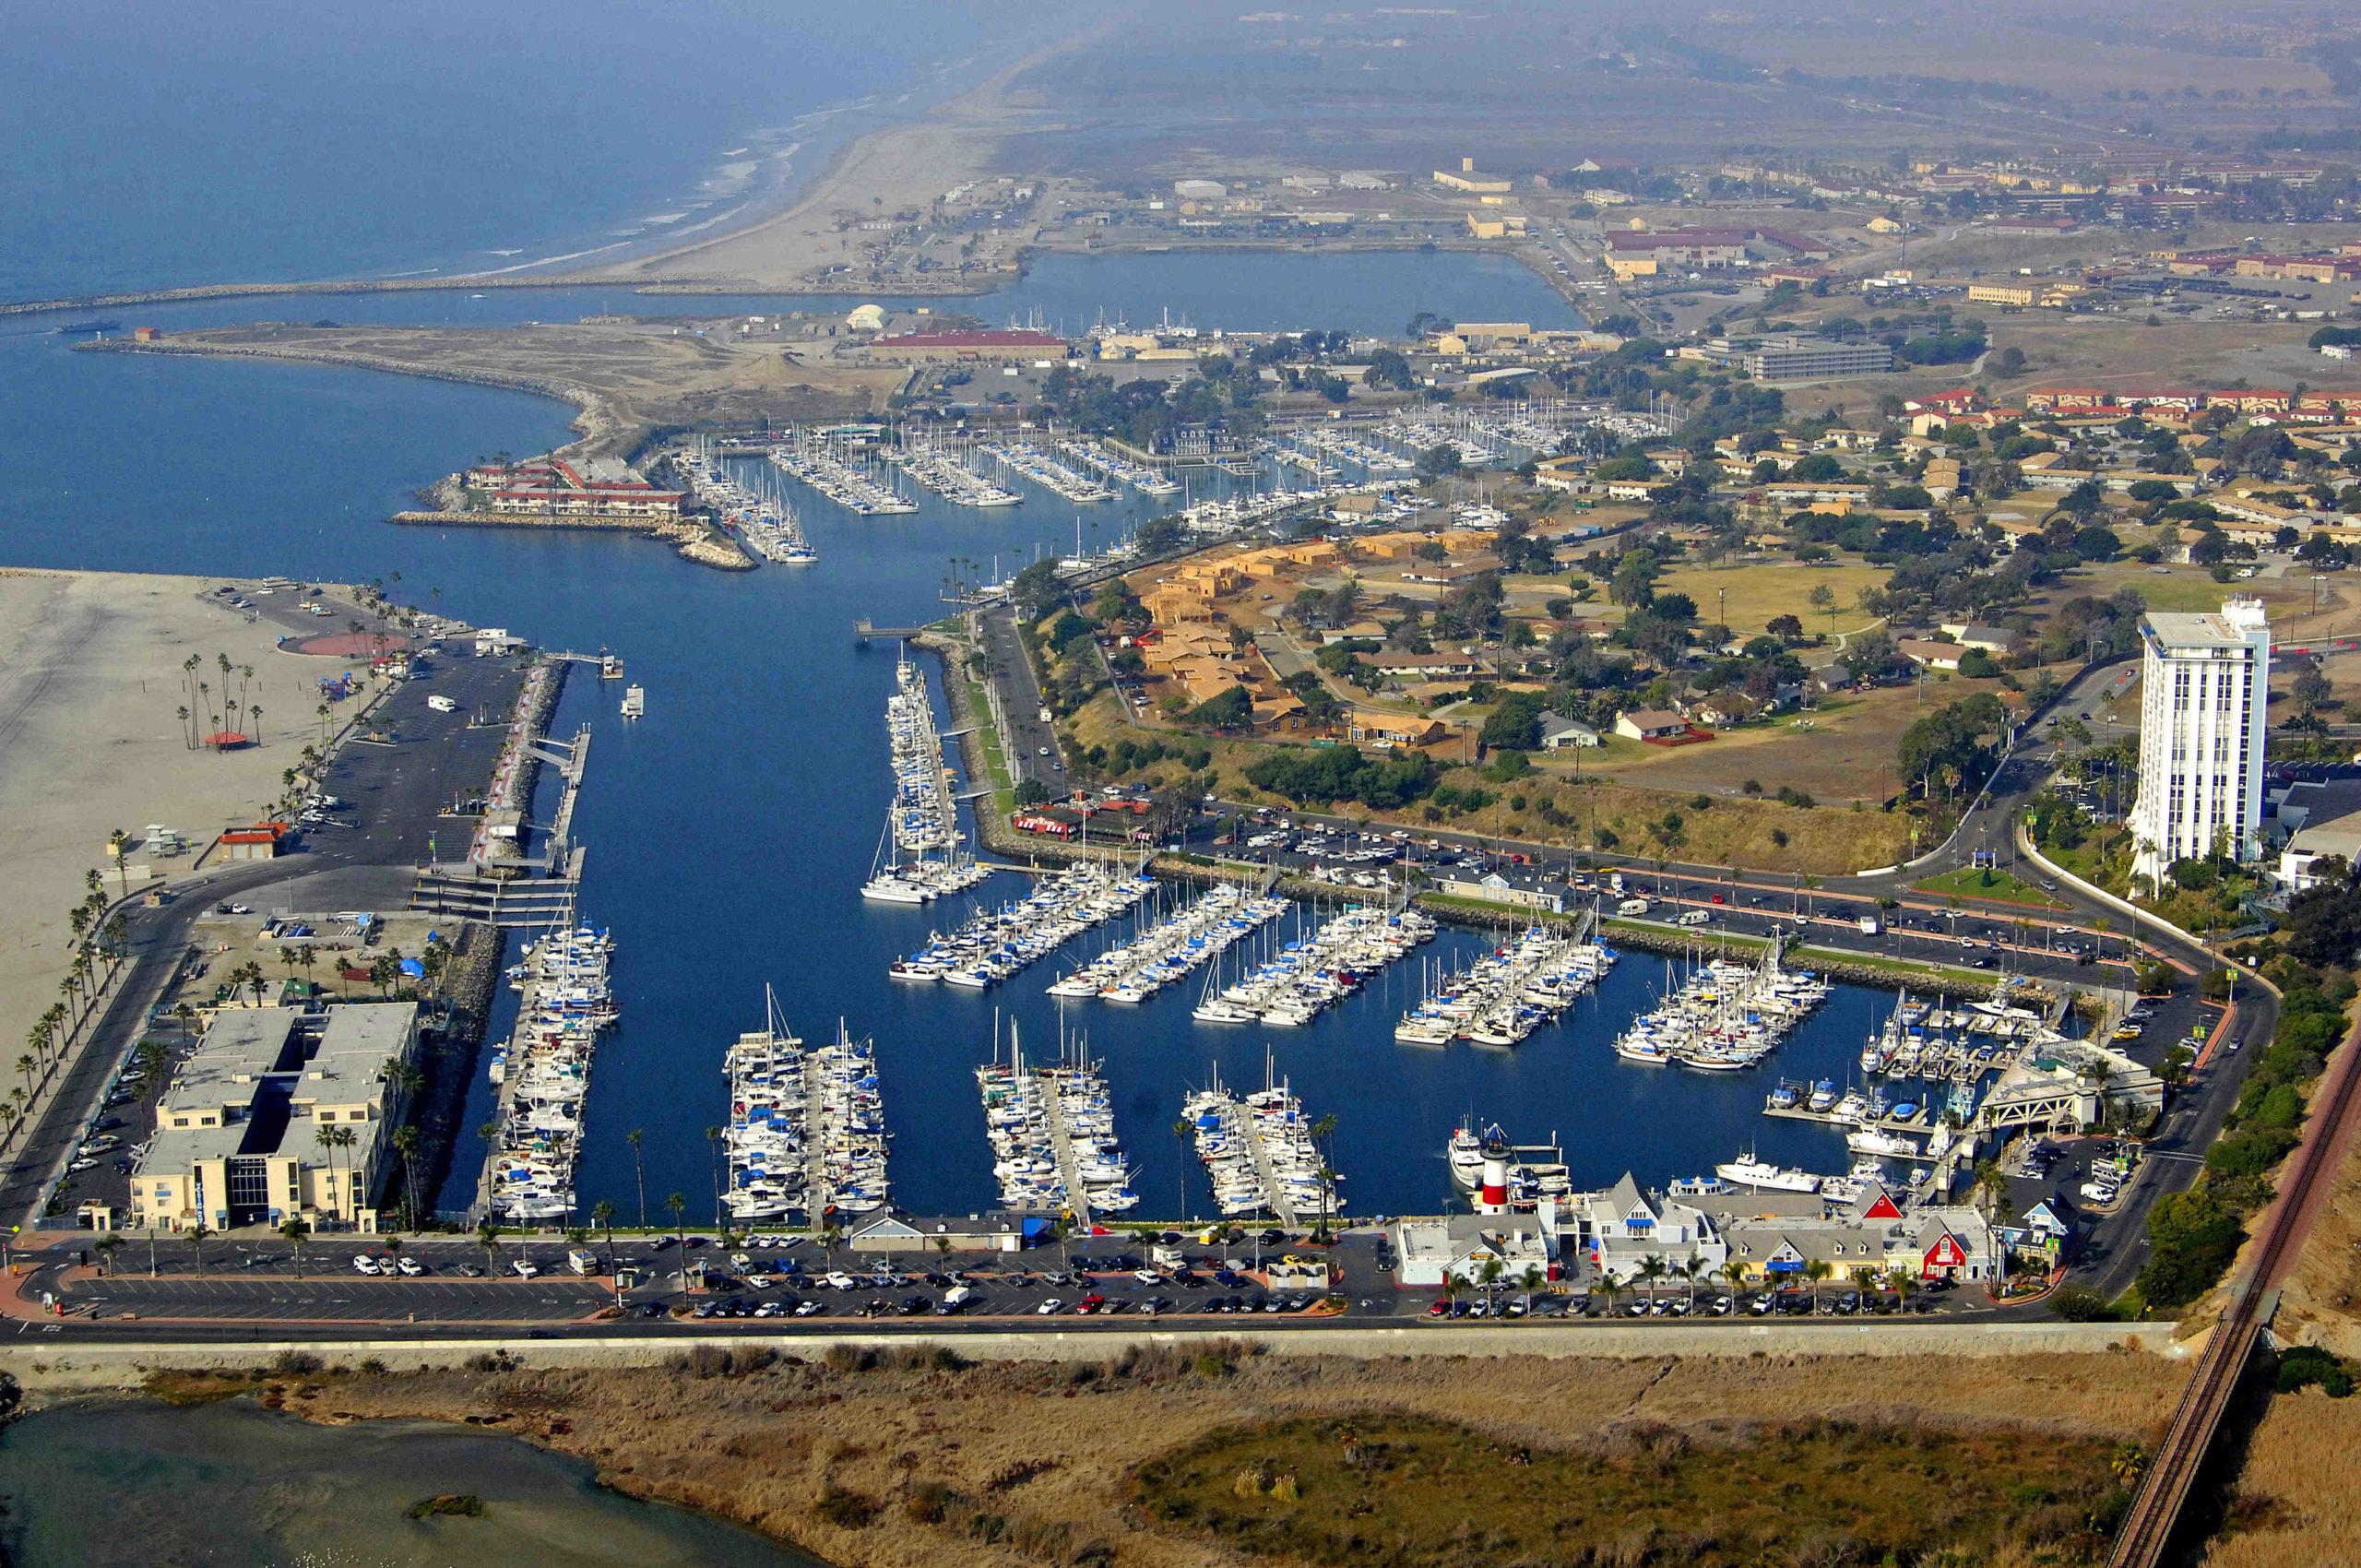 Is Oceanside CA expensive?